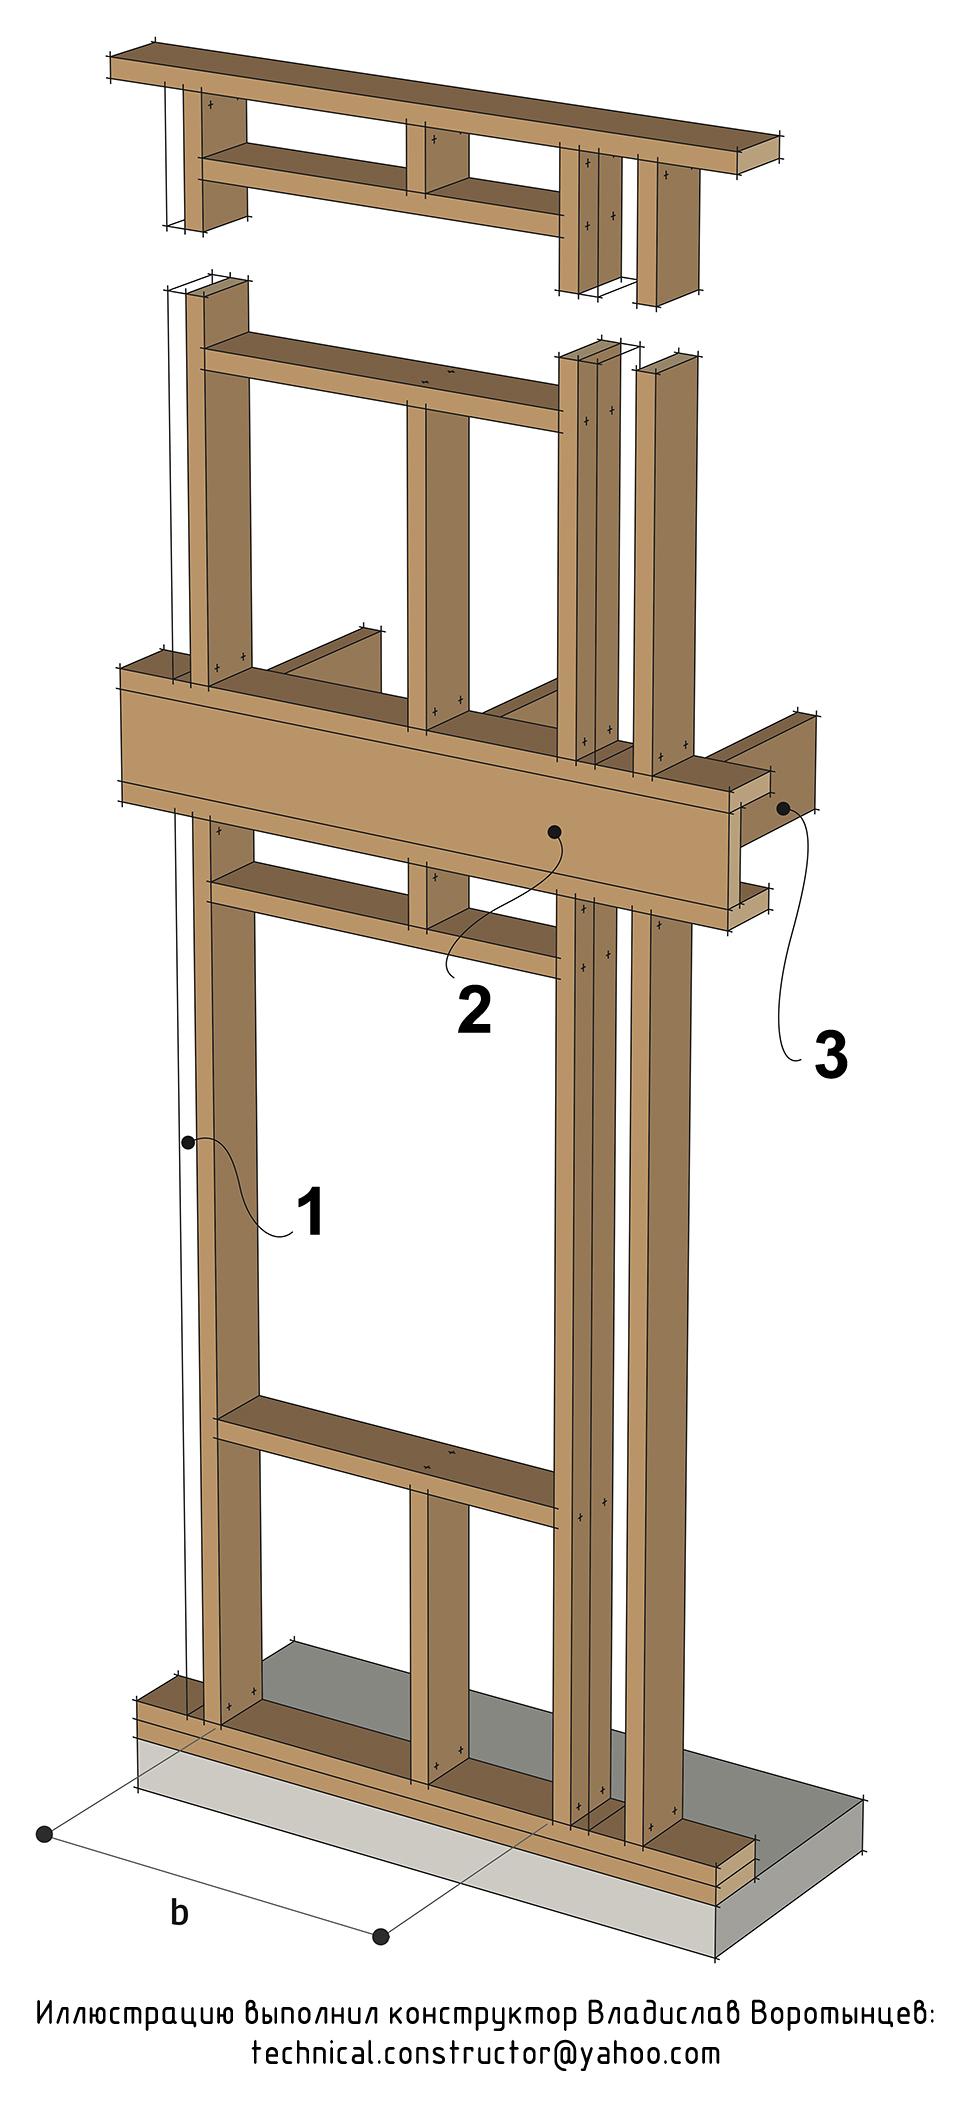 Рис. 9.24 Проём в несущей стене с нагрузкой только от междуэтажного перекрытия - (проём типа C по норвежской классификации)